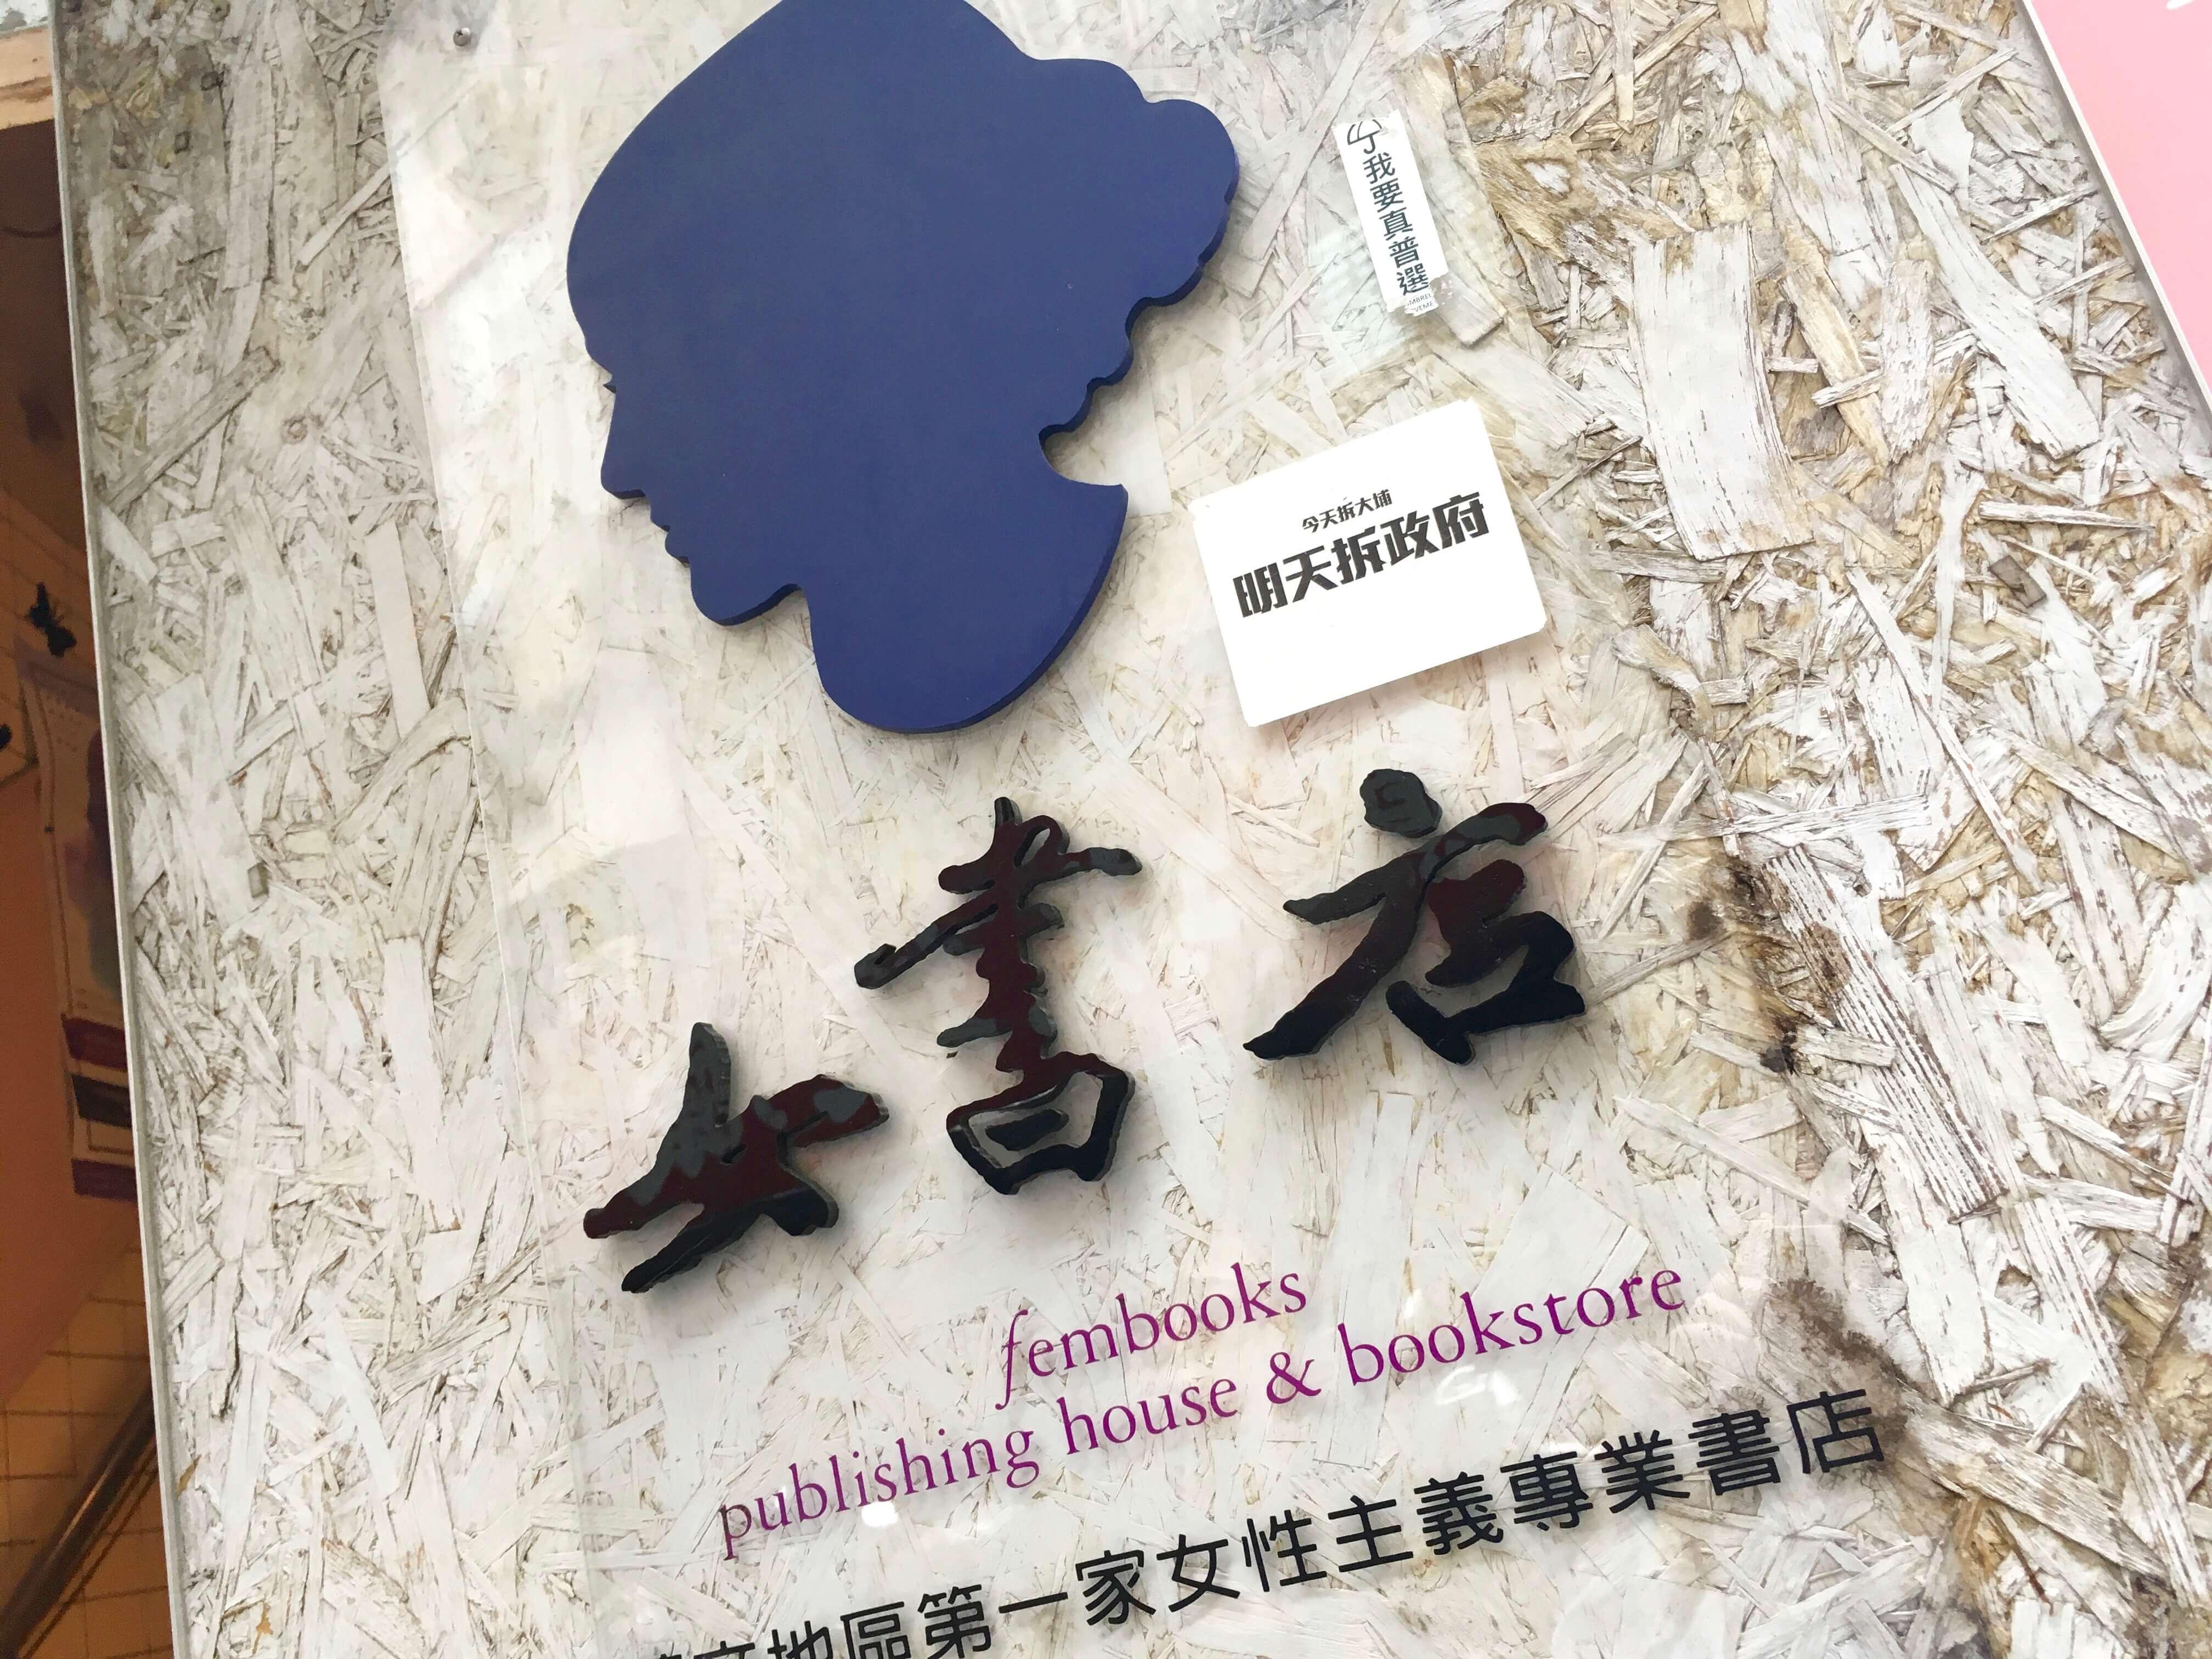 台湾 lgbt 本屋 フェミニズム